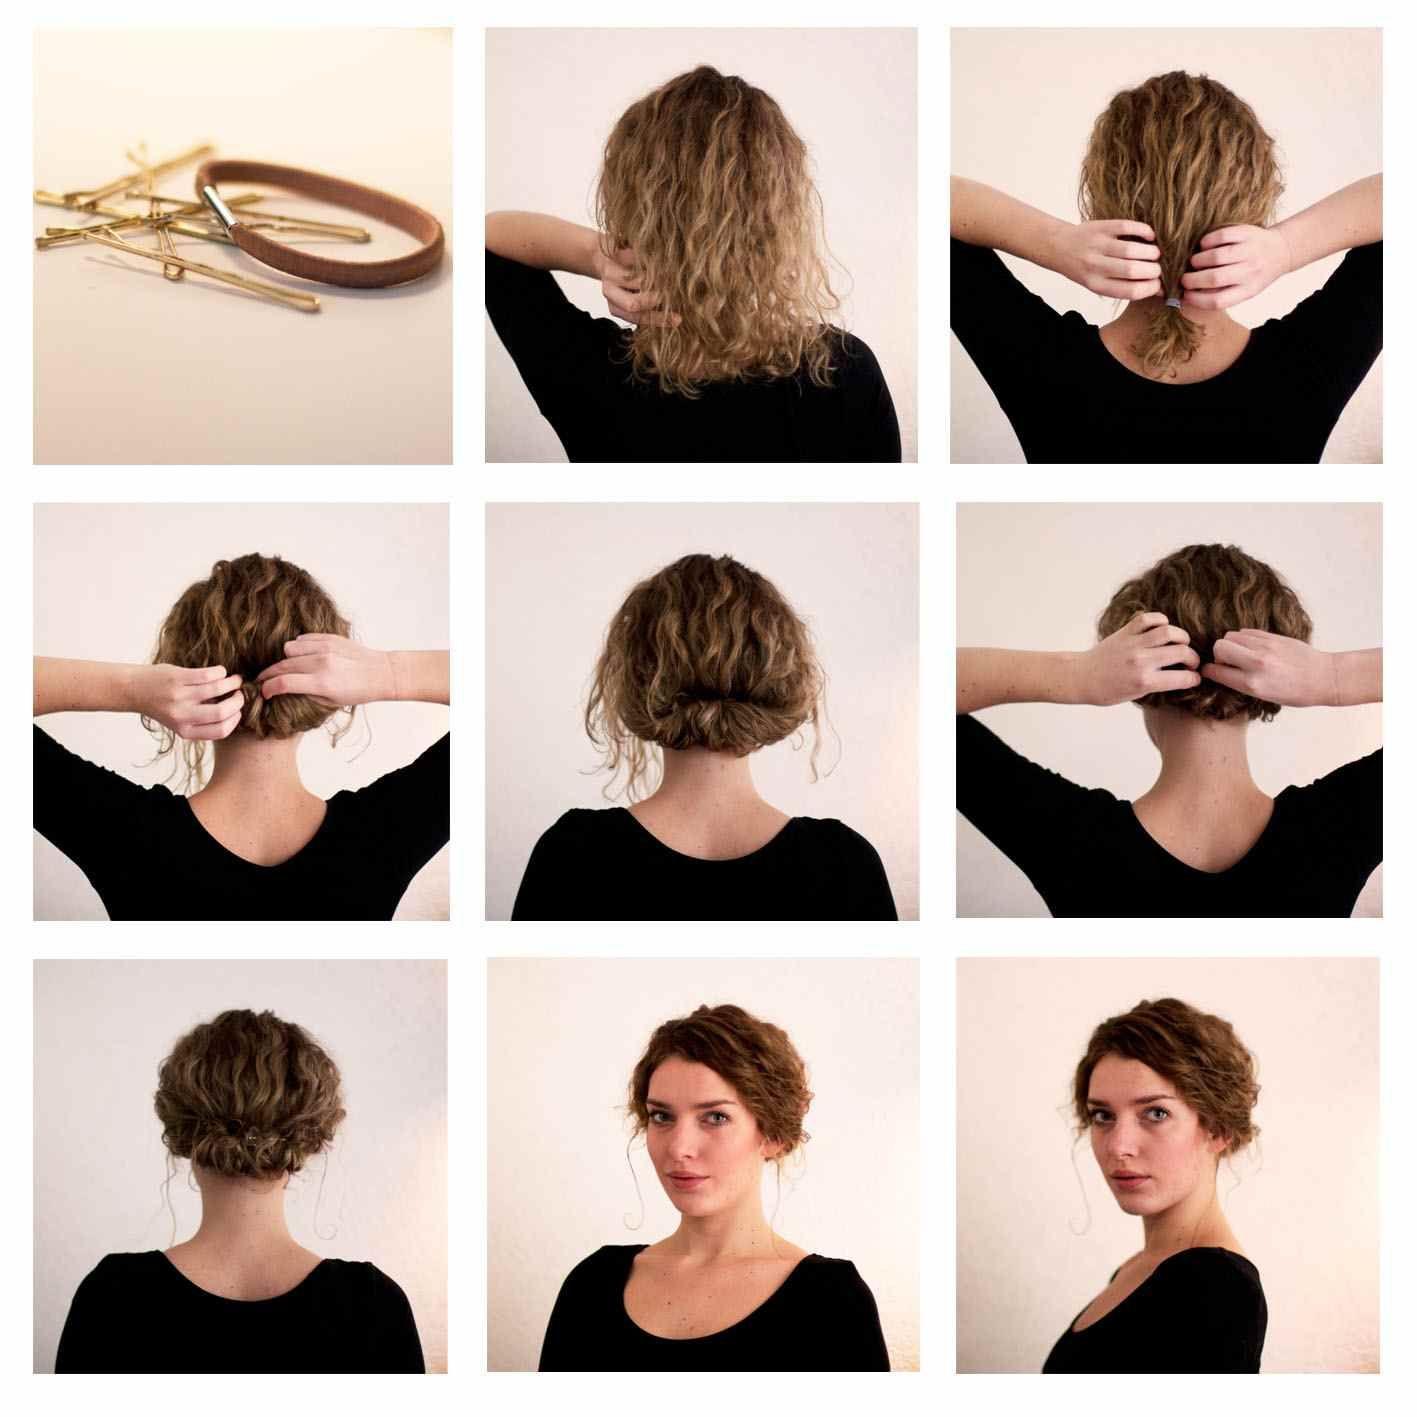 Schnelle Schöne Frisur